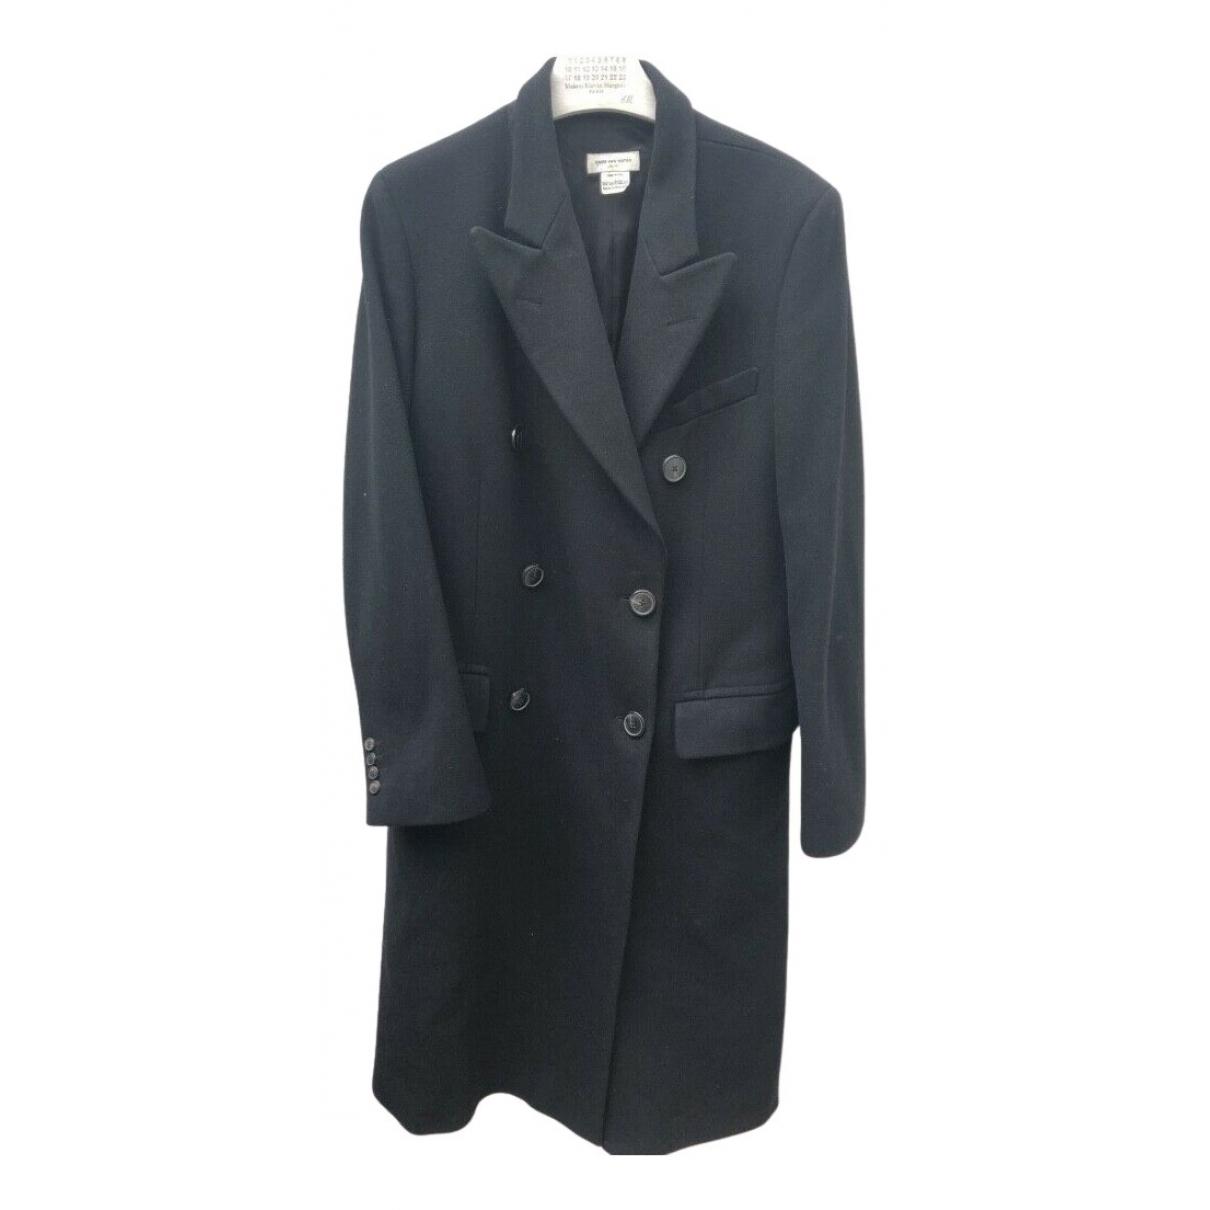 Dries Van Noten - Manteau   pour homme en laine - noir